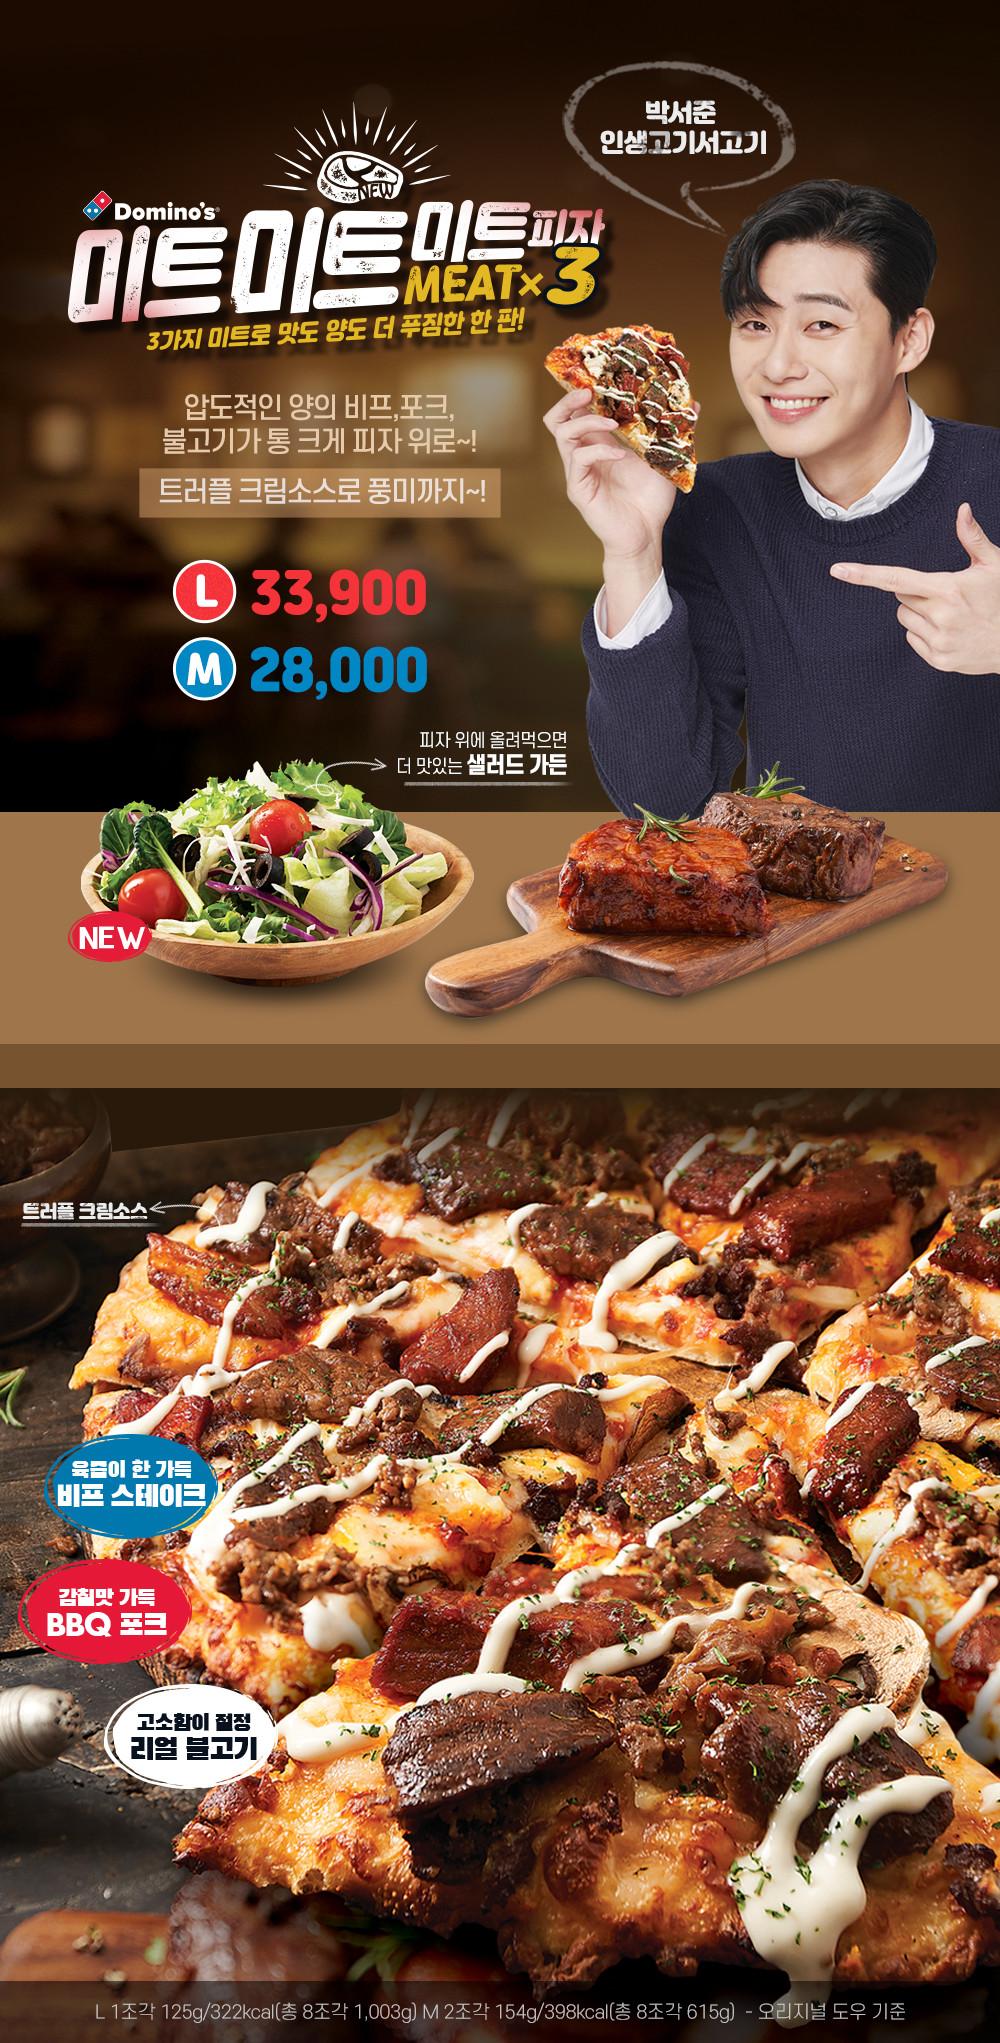 도미노 신제품! 미트미트미트 피자 할인에 할인받아 먹기~